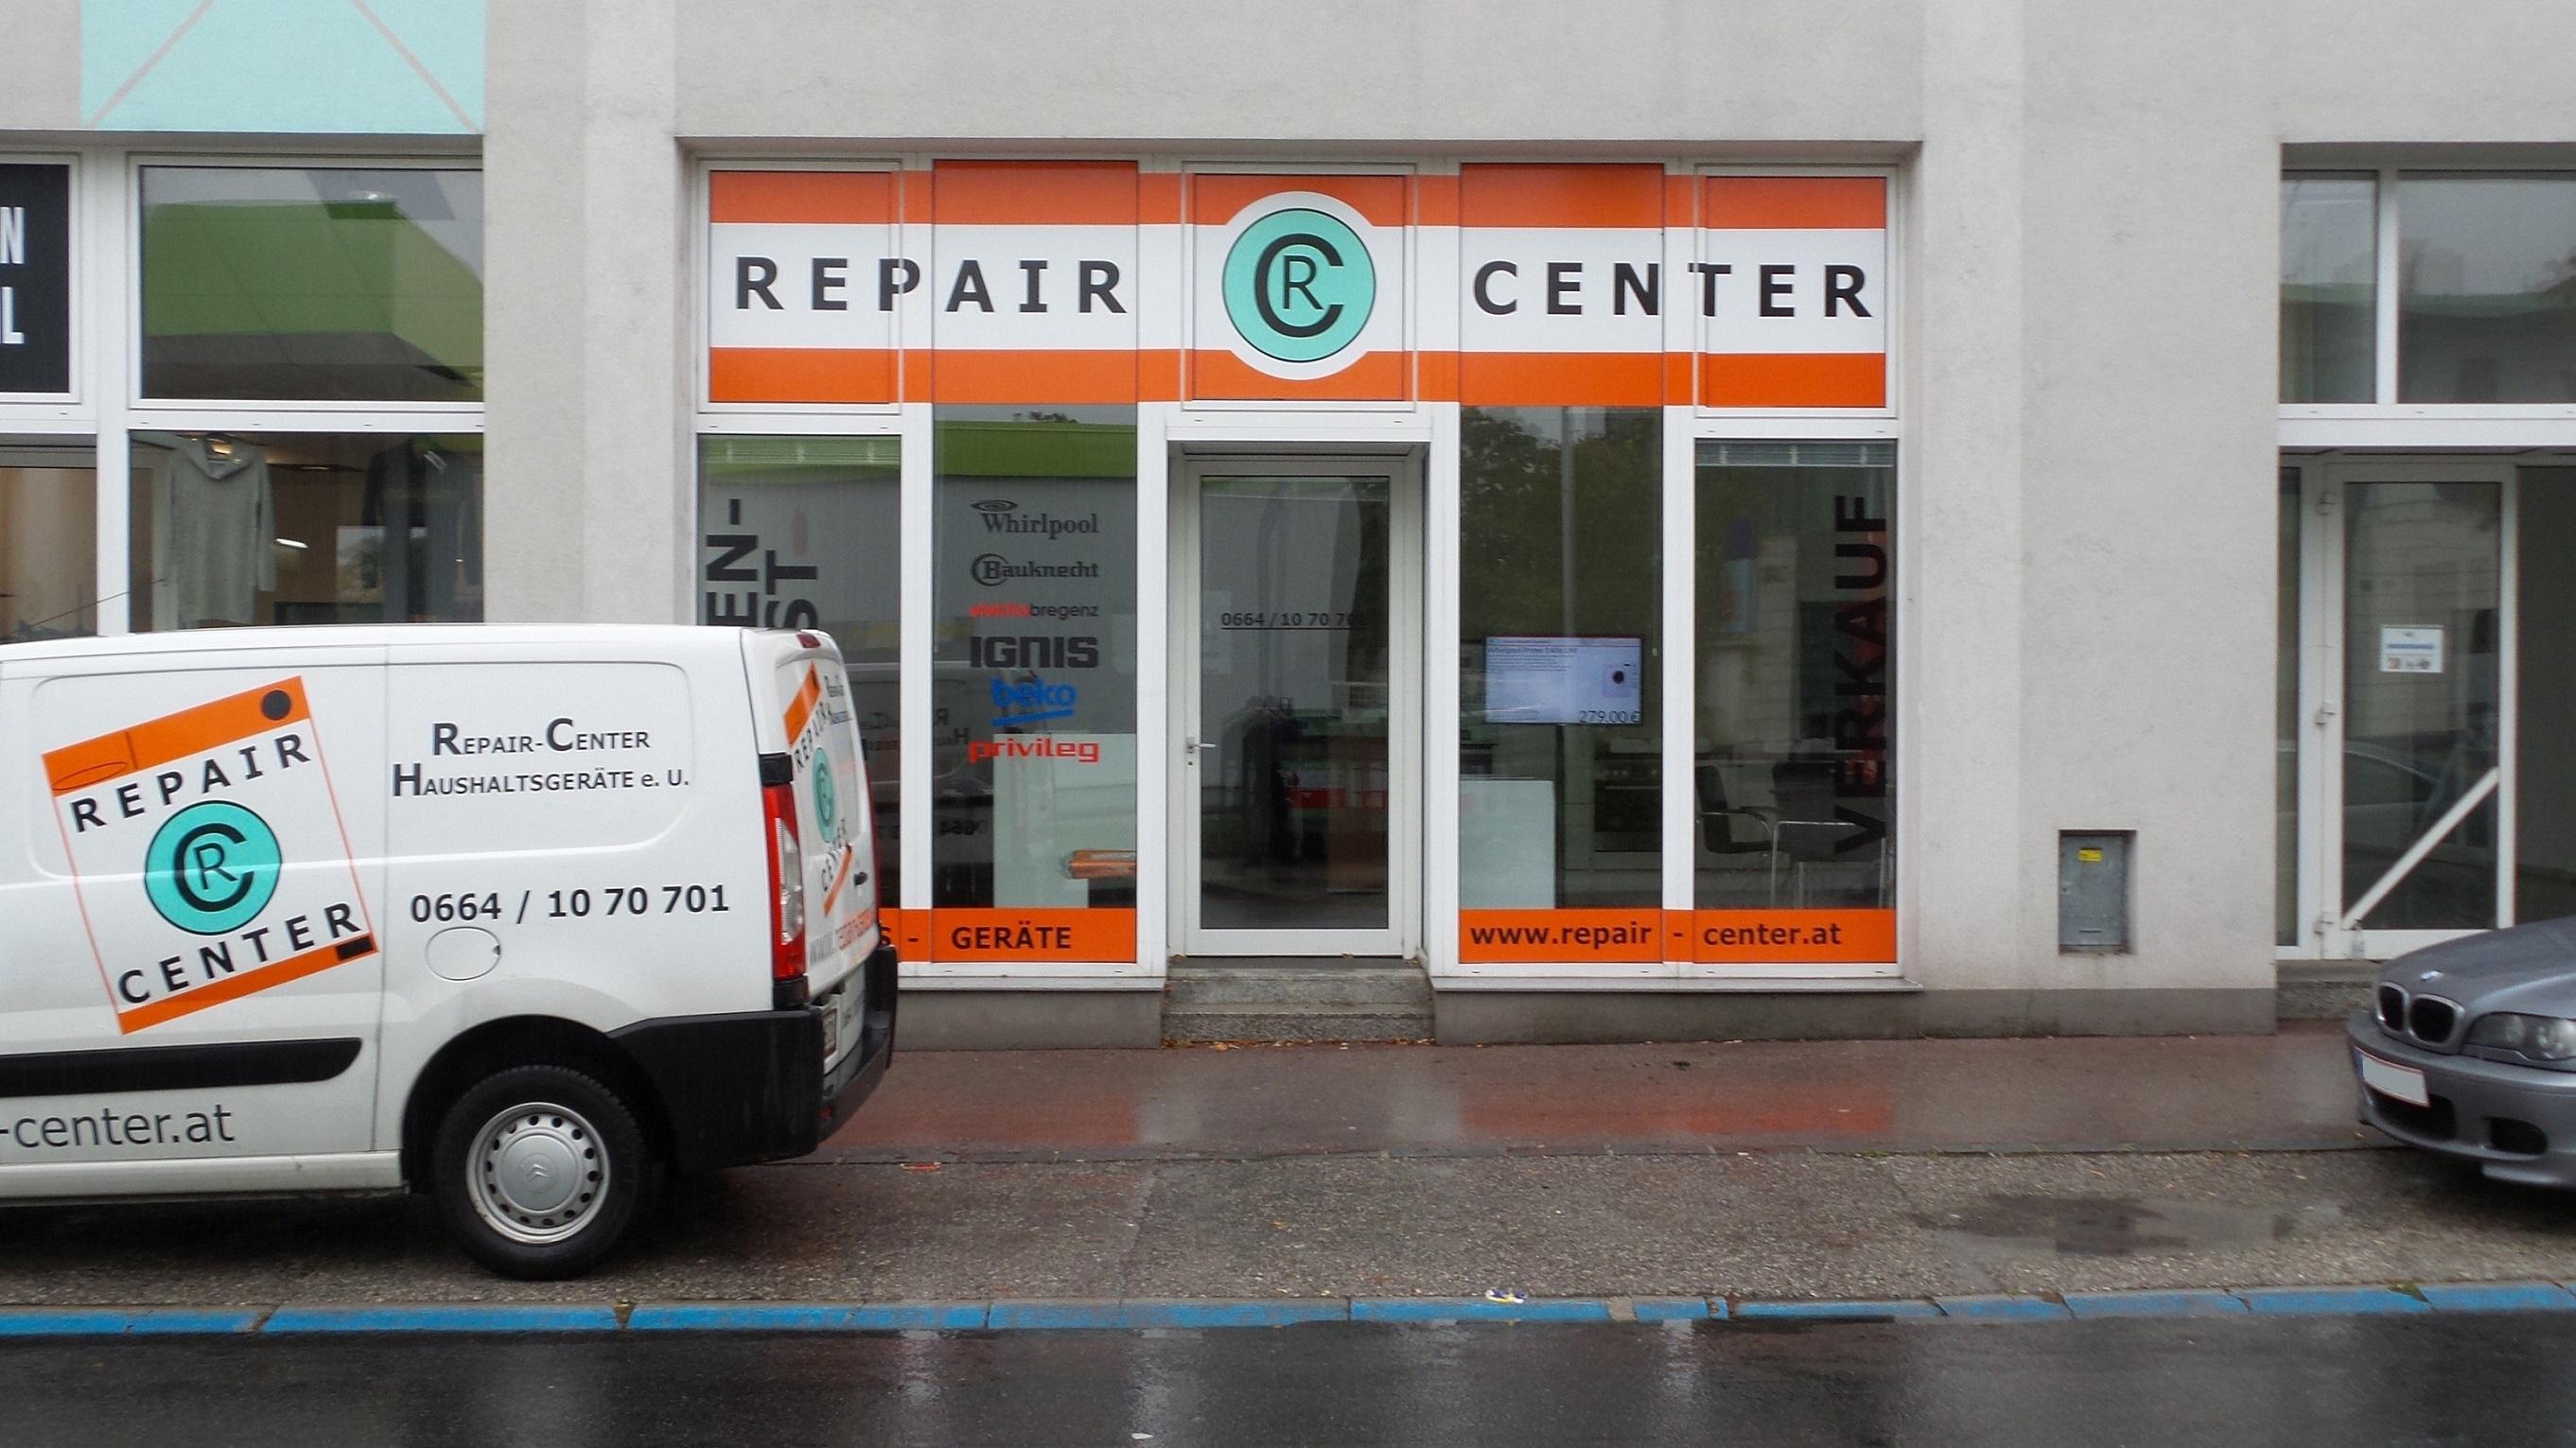 Geschäftslokal des Unternehmen Repair Center Haushaltgeräte